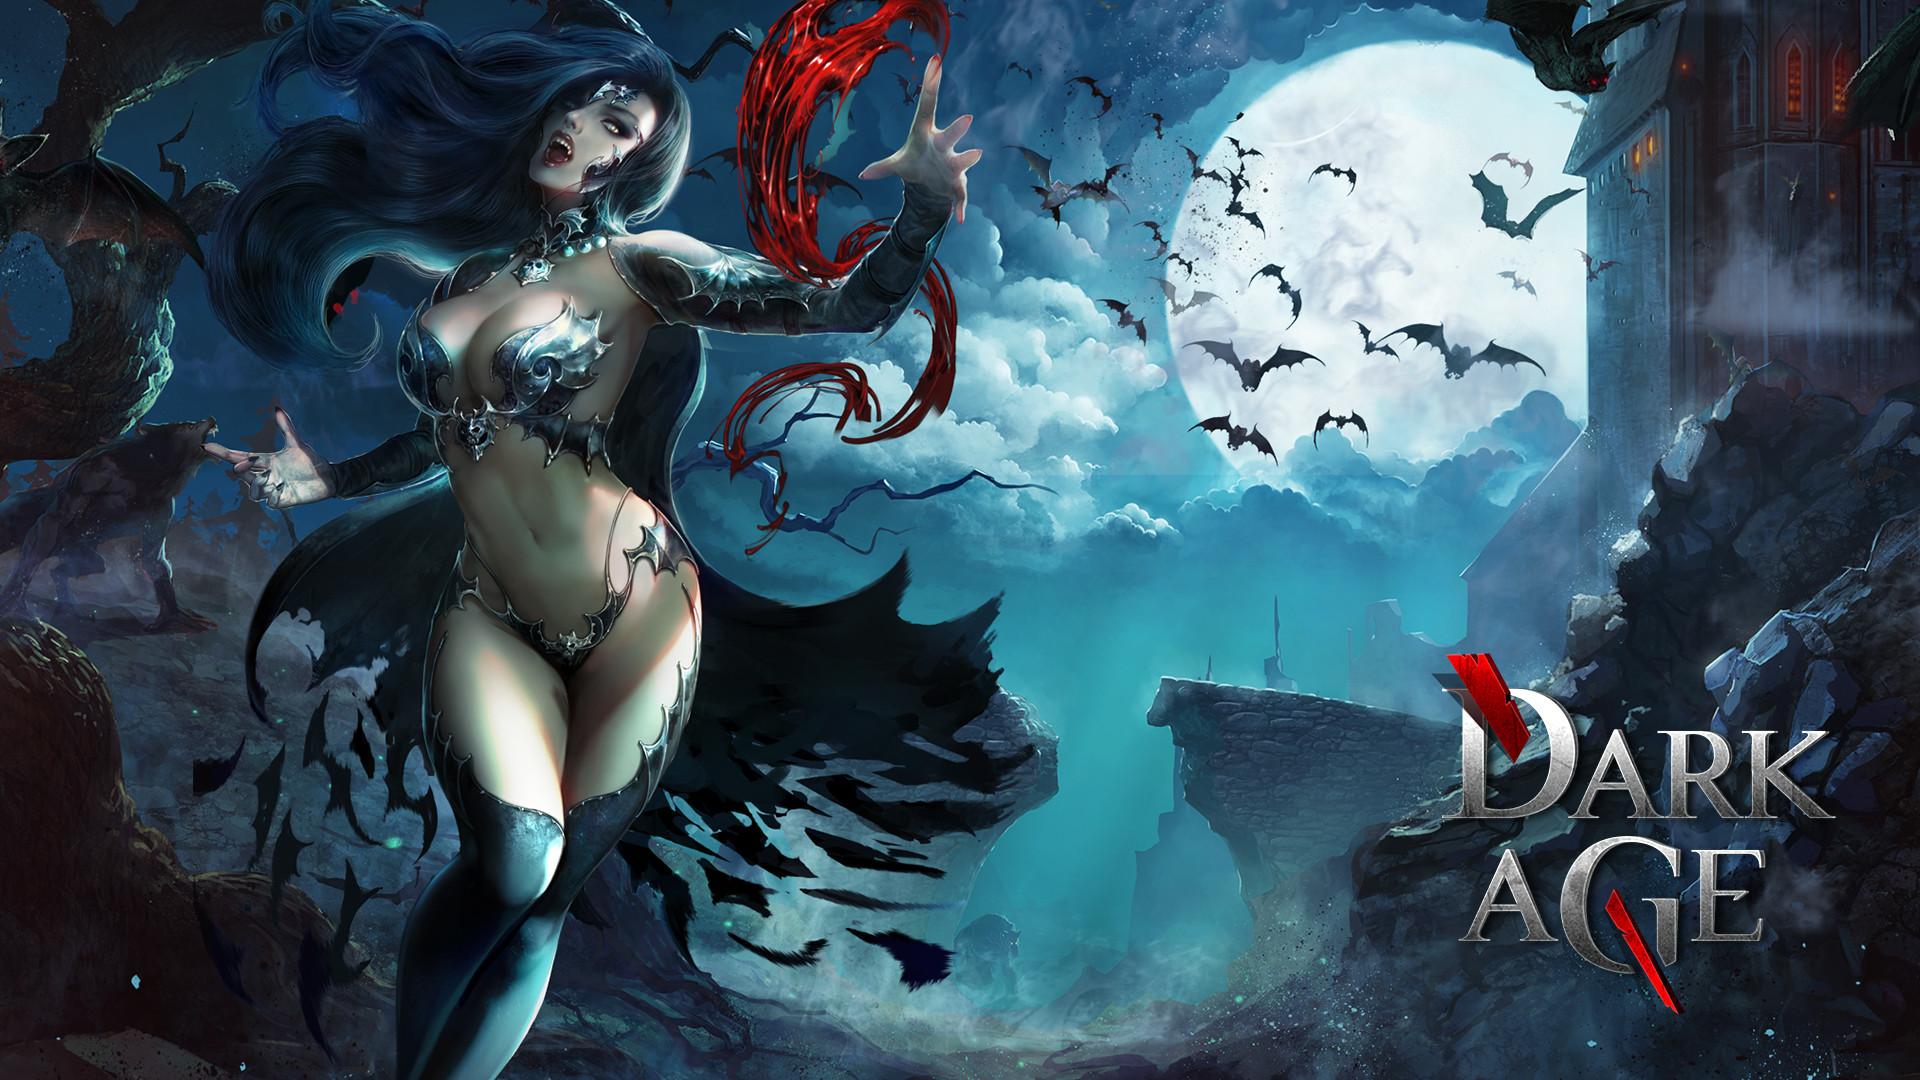 Vampire Dark Age ( Forsaken World ) Bats Moon Games Girls Fantasy wallpaper      175226   WallpaperUP